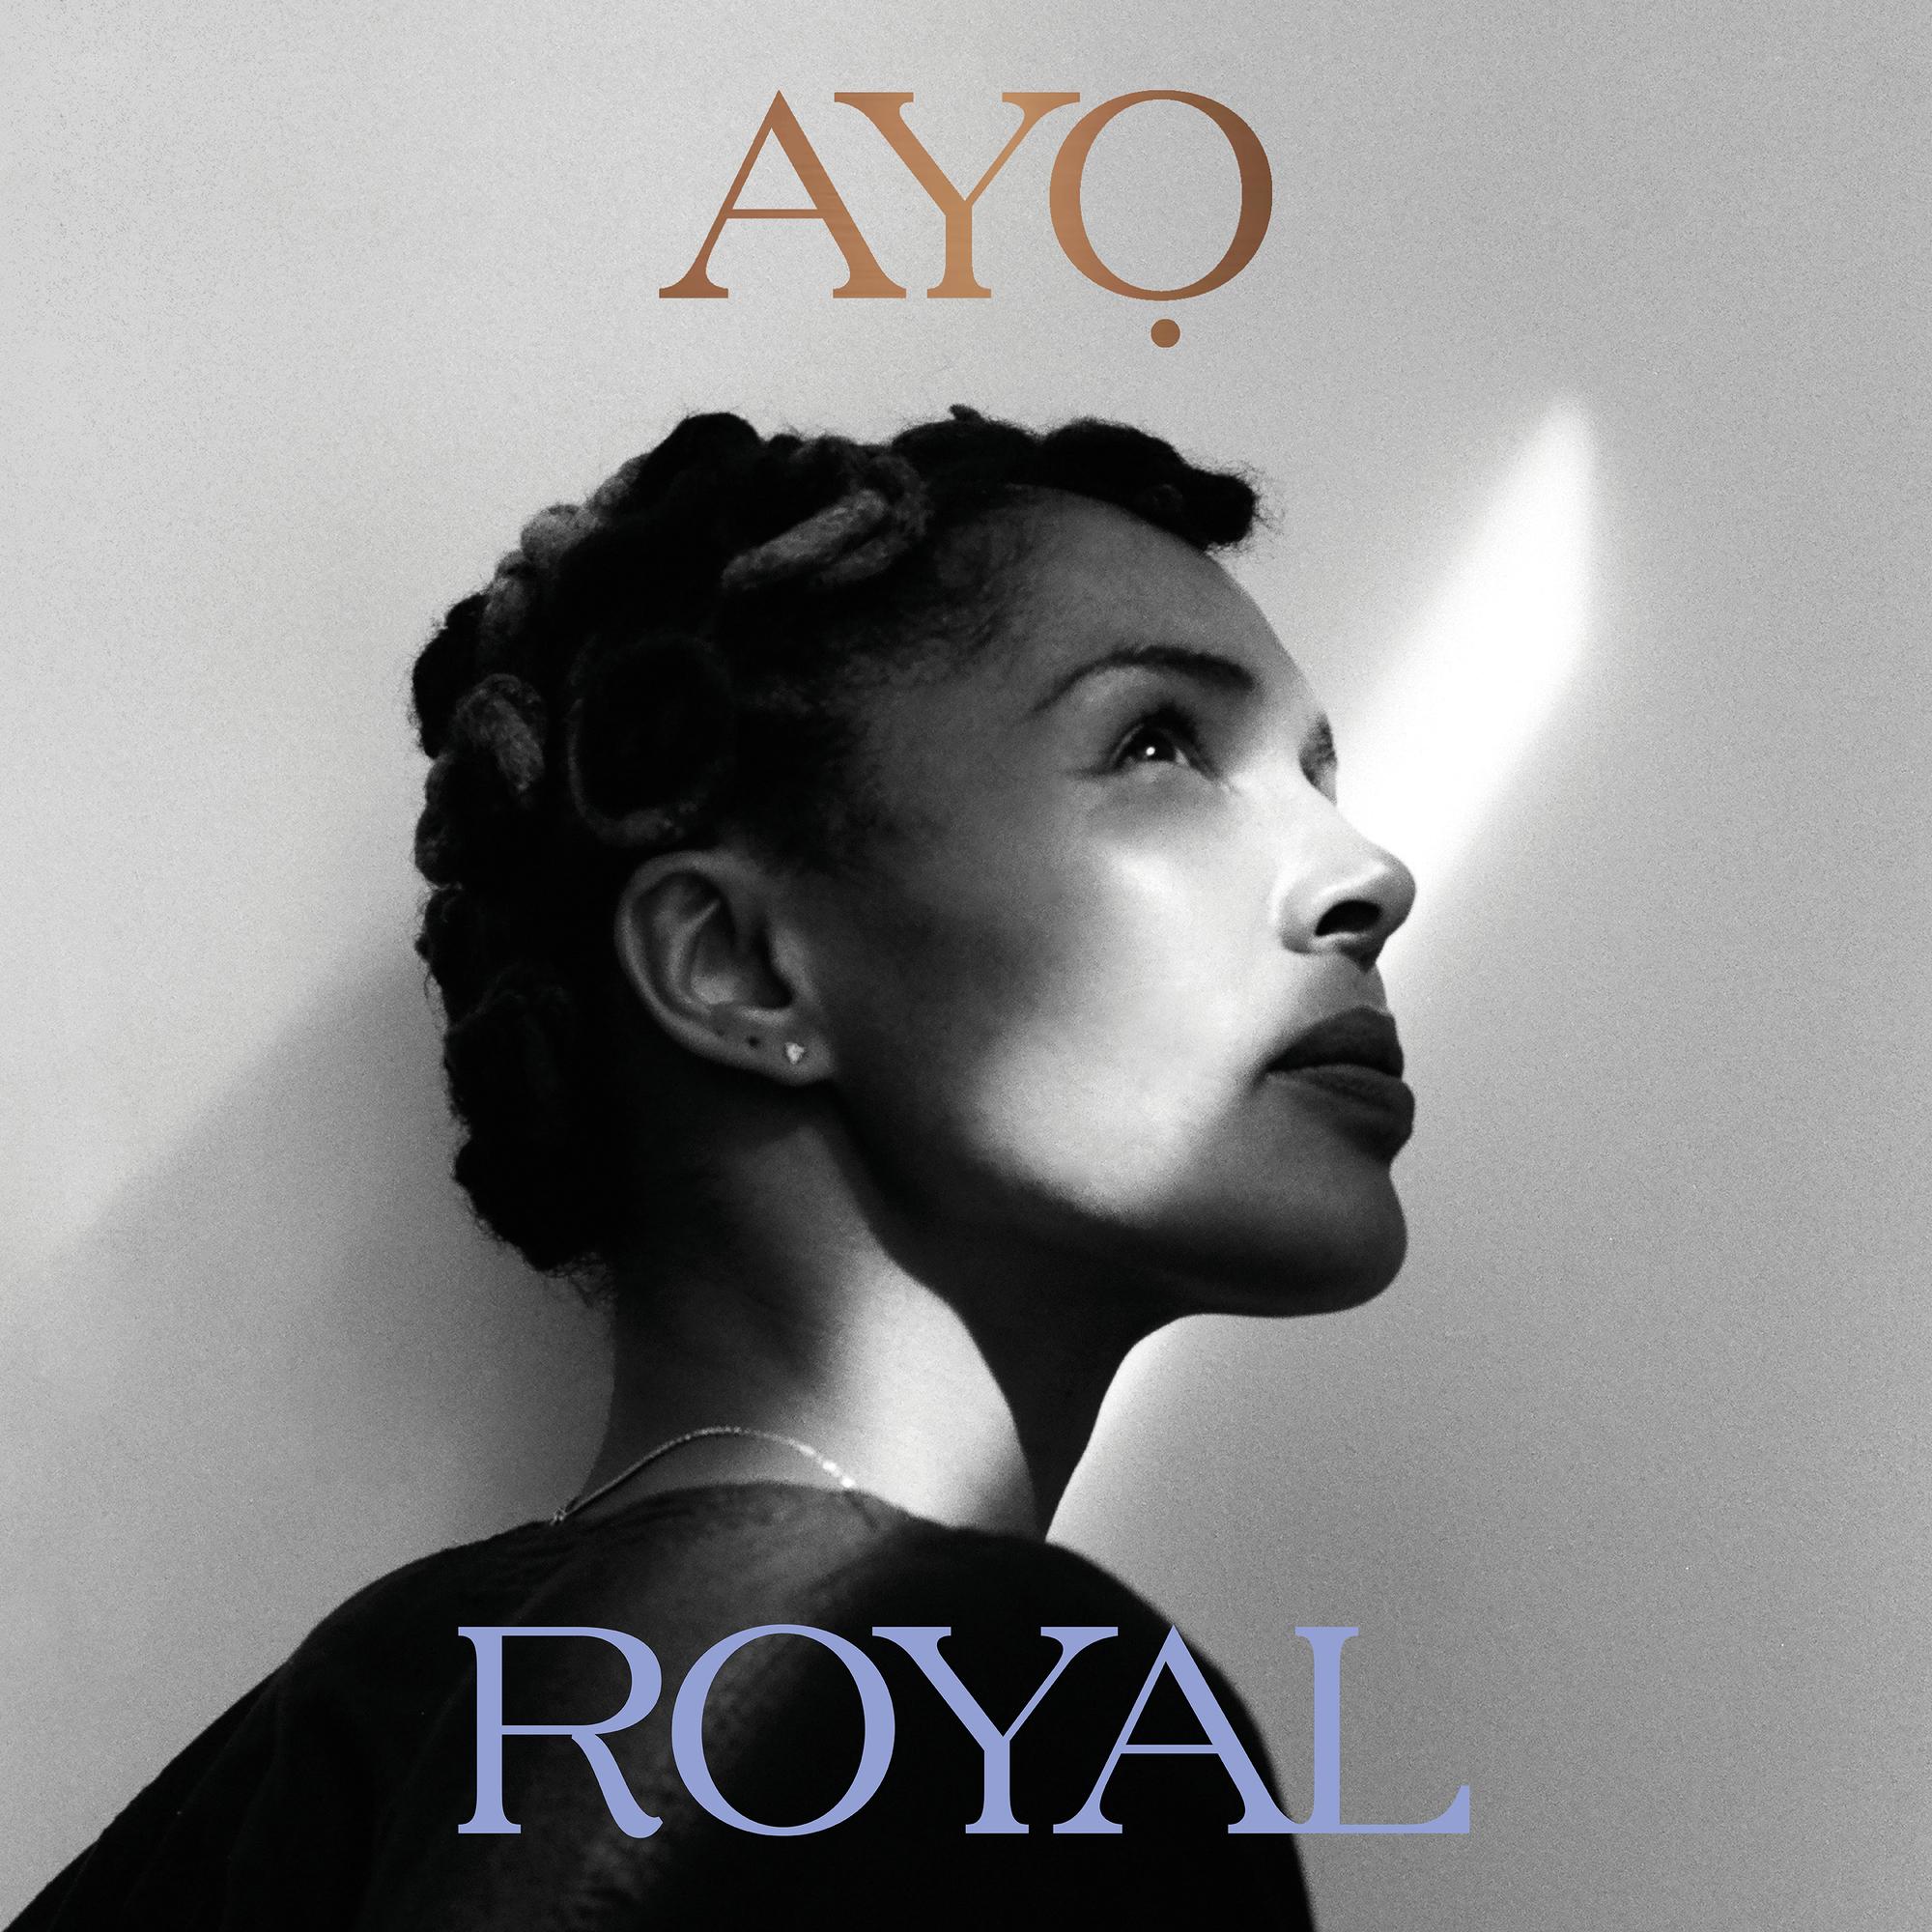 AYO – Son Album 'ROYAL' Inspire Une Imperturbable Sérénité